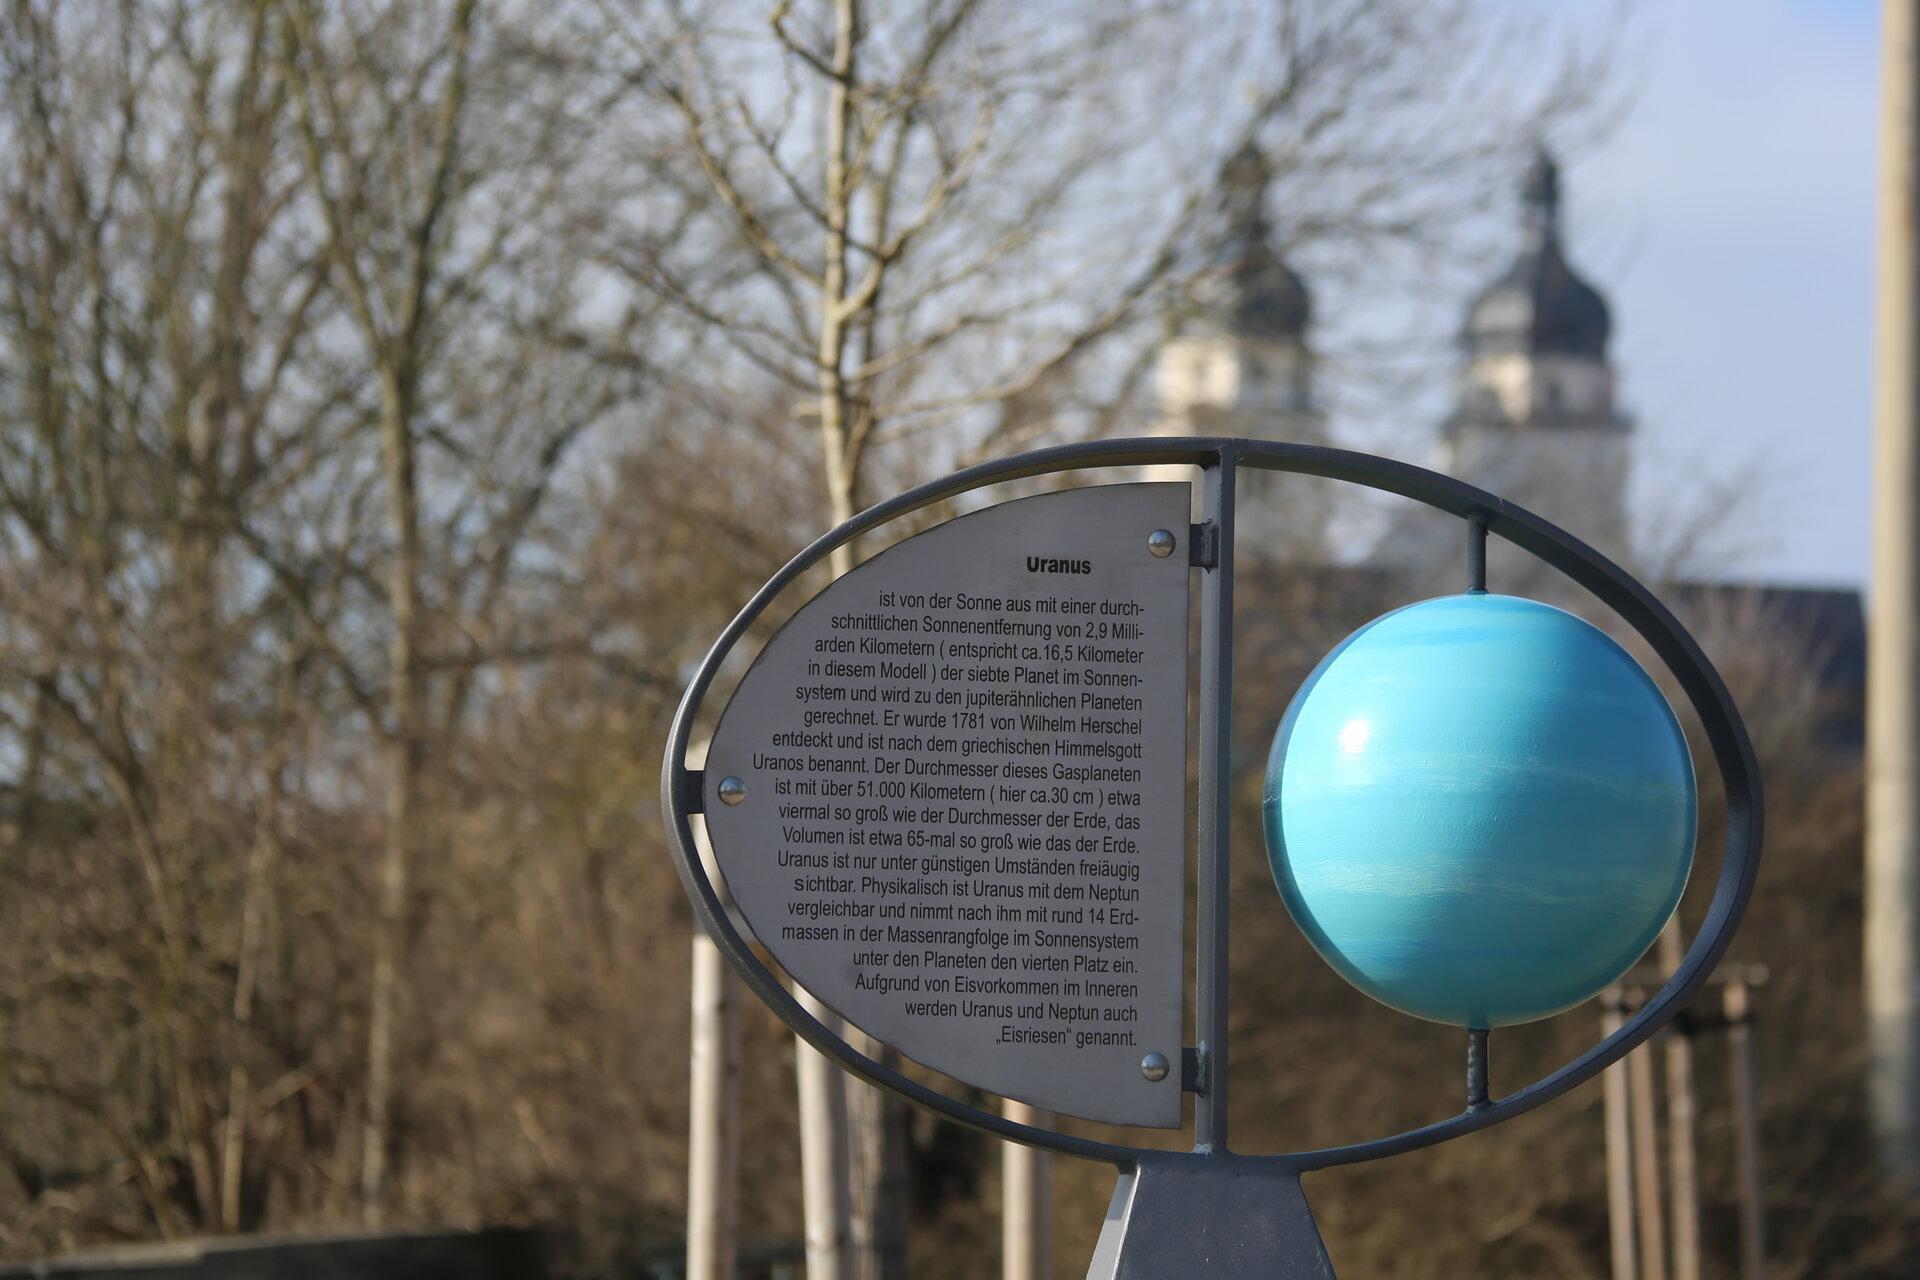 Uranusstele in Plauen